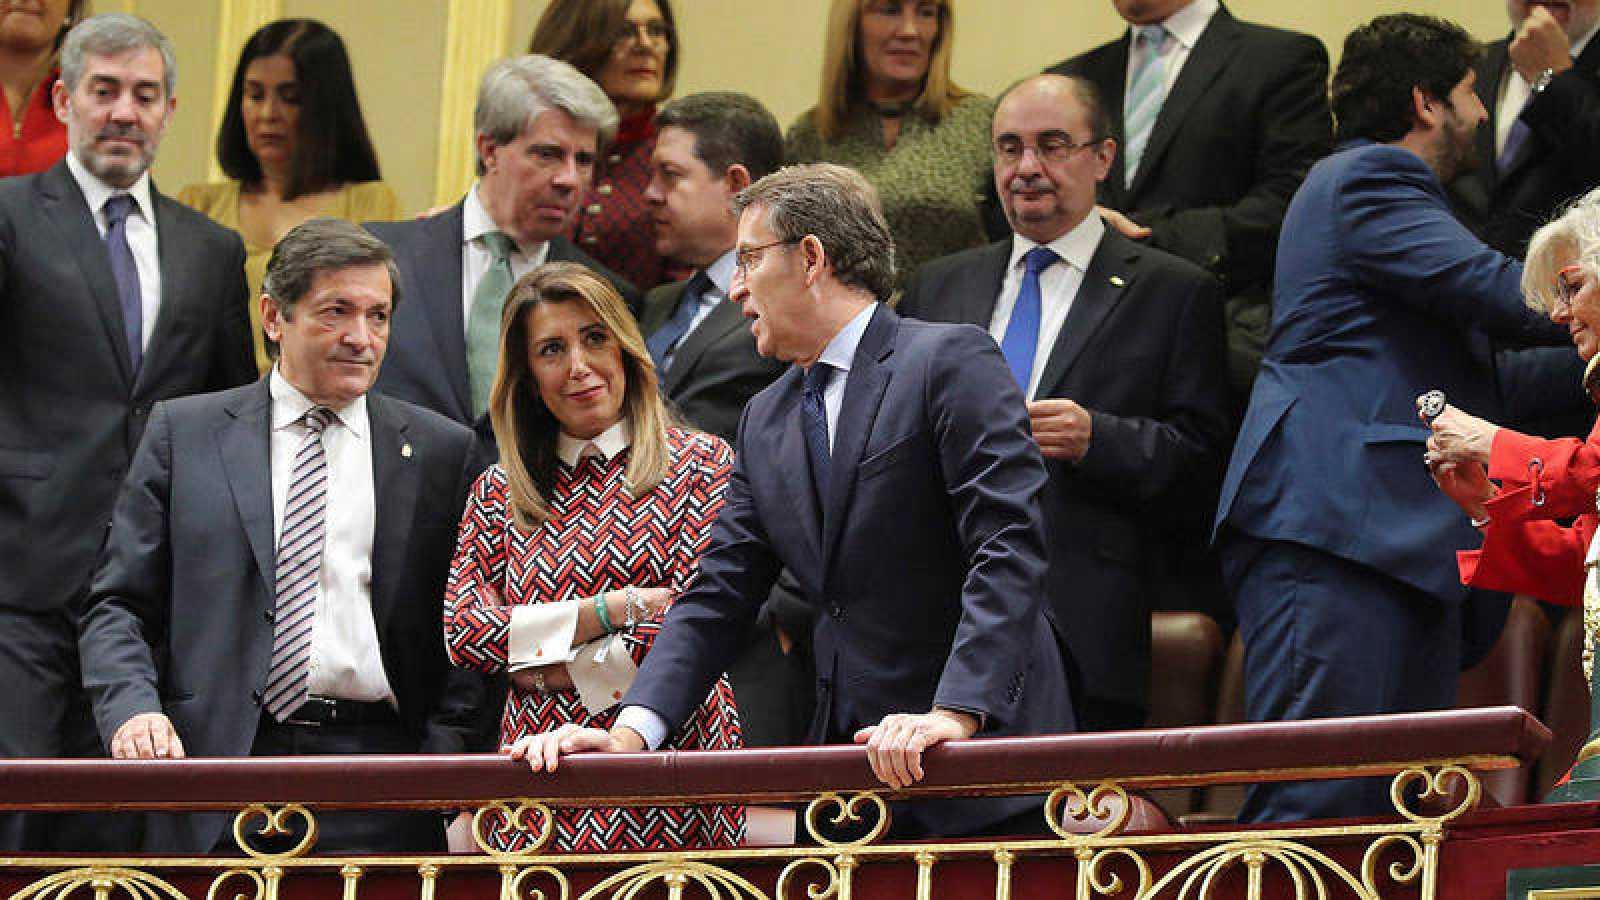 Susana Díaz, junto a los presidente de Asturias y Galicia, Javier Fernández y Alberto Núñez Feijo, en la conmemoración de los 40 años de la Constitución en el Congreso.